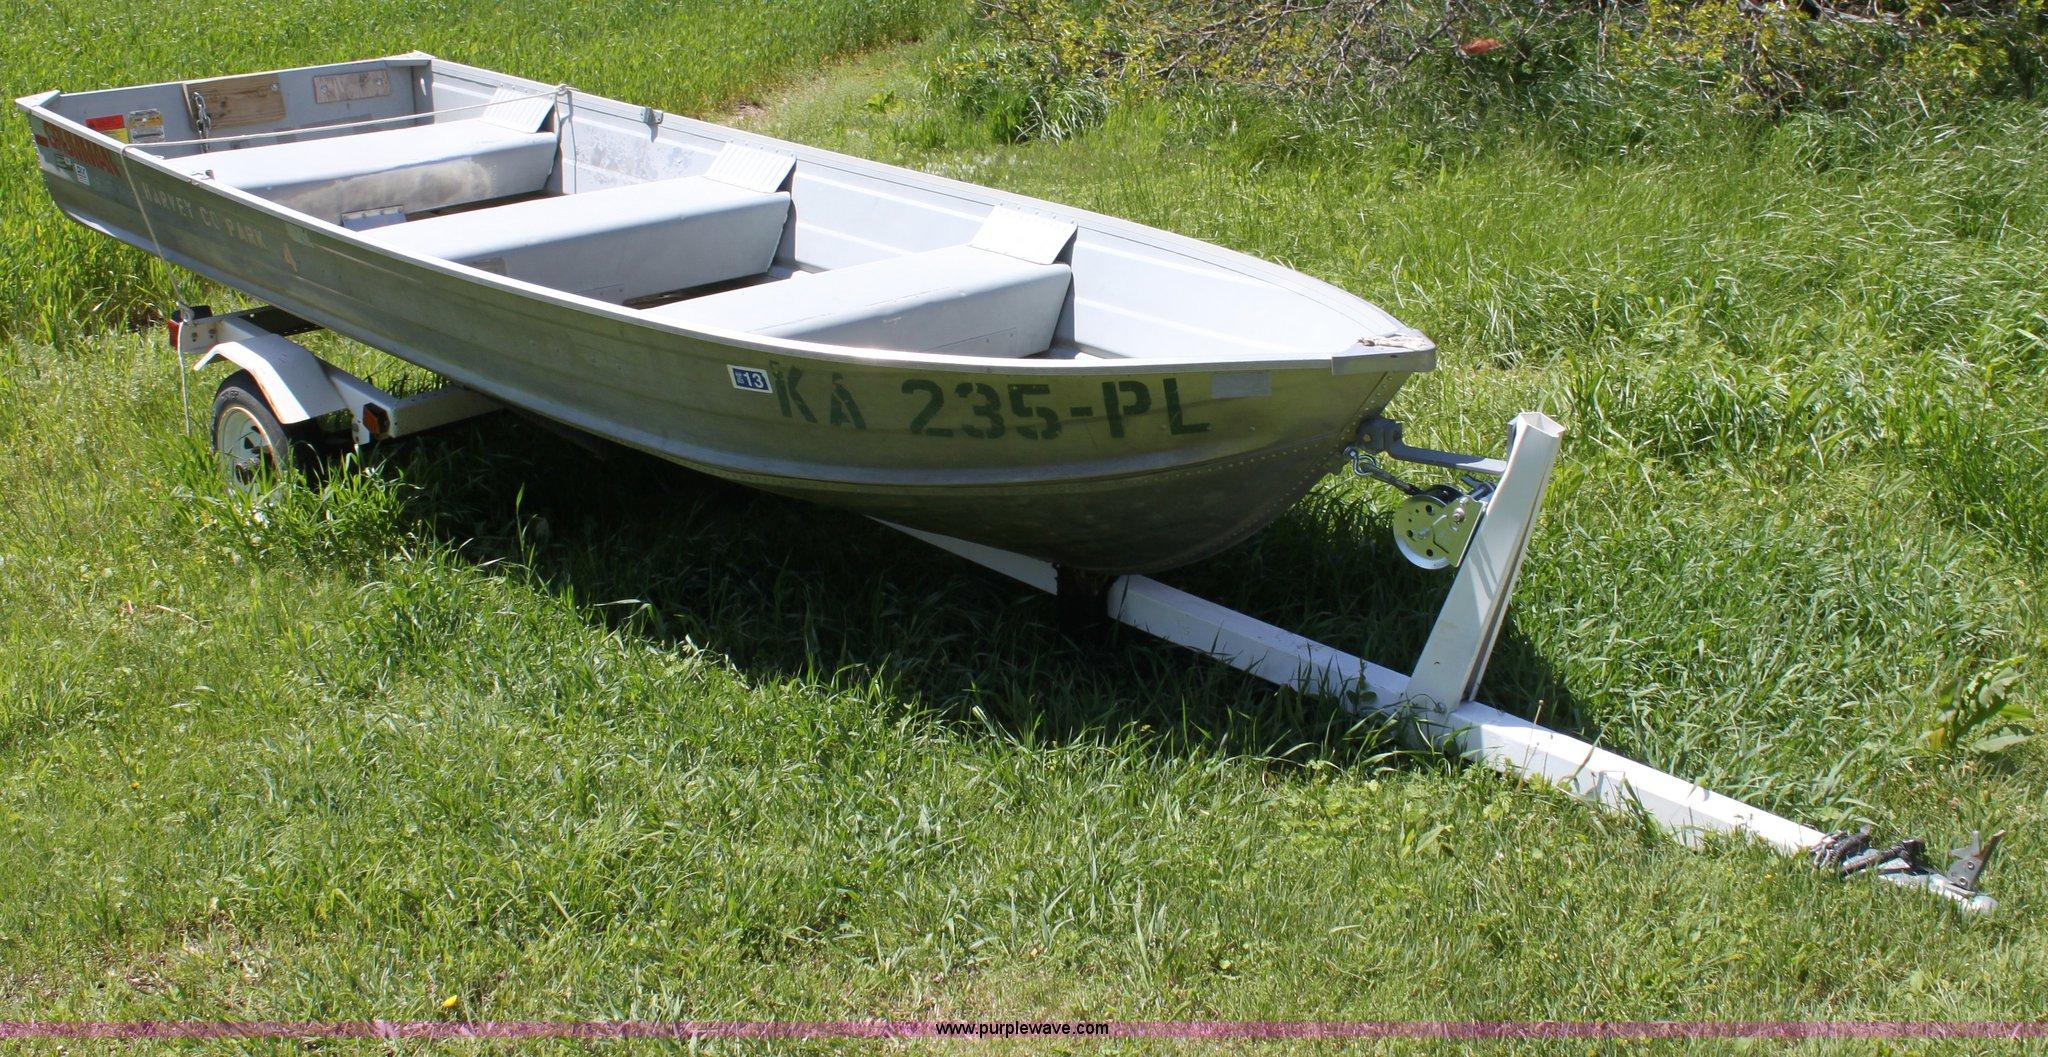 1992 Grumman 14' aluminum V bottom boat in Newton, KS | Item D7814